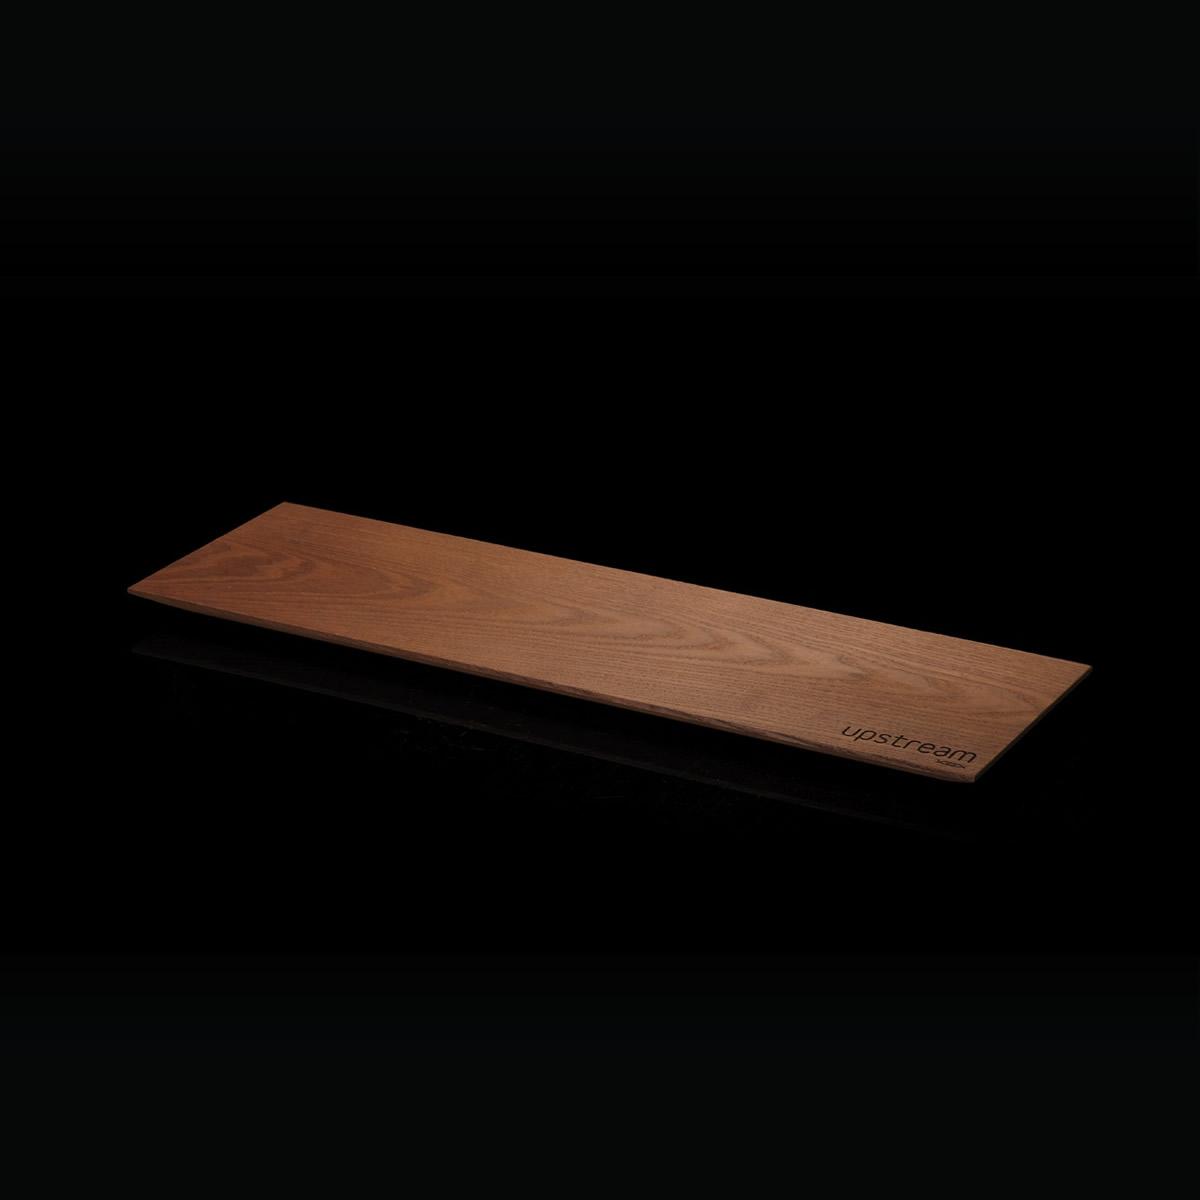 Tagliere in legno piccolo